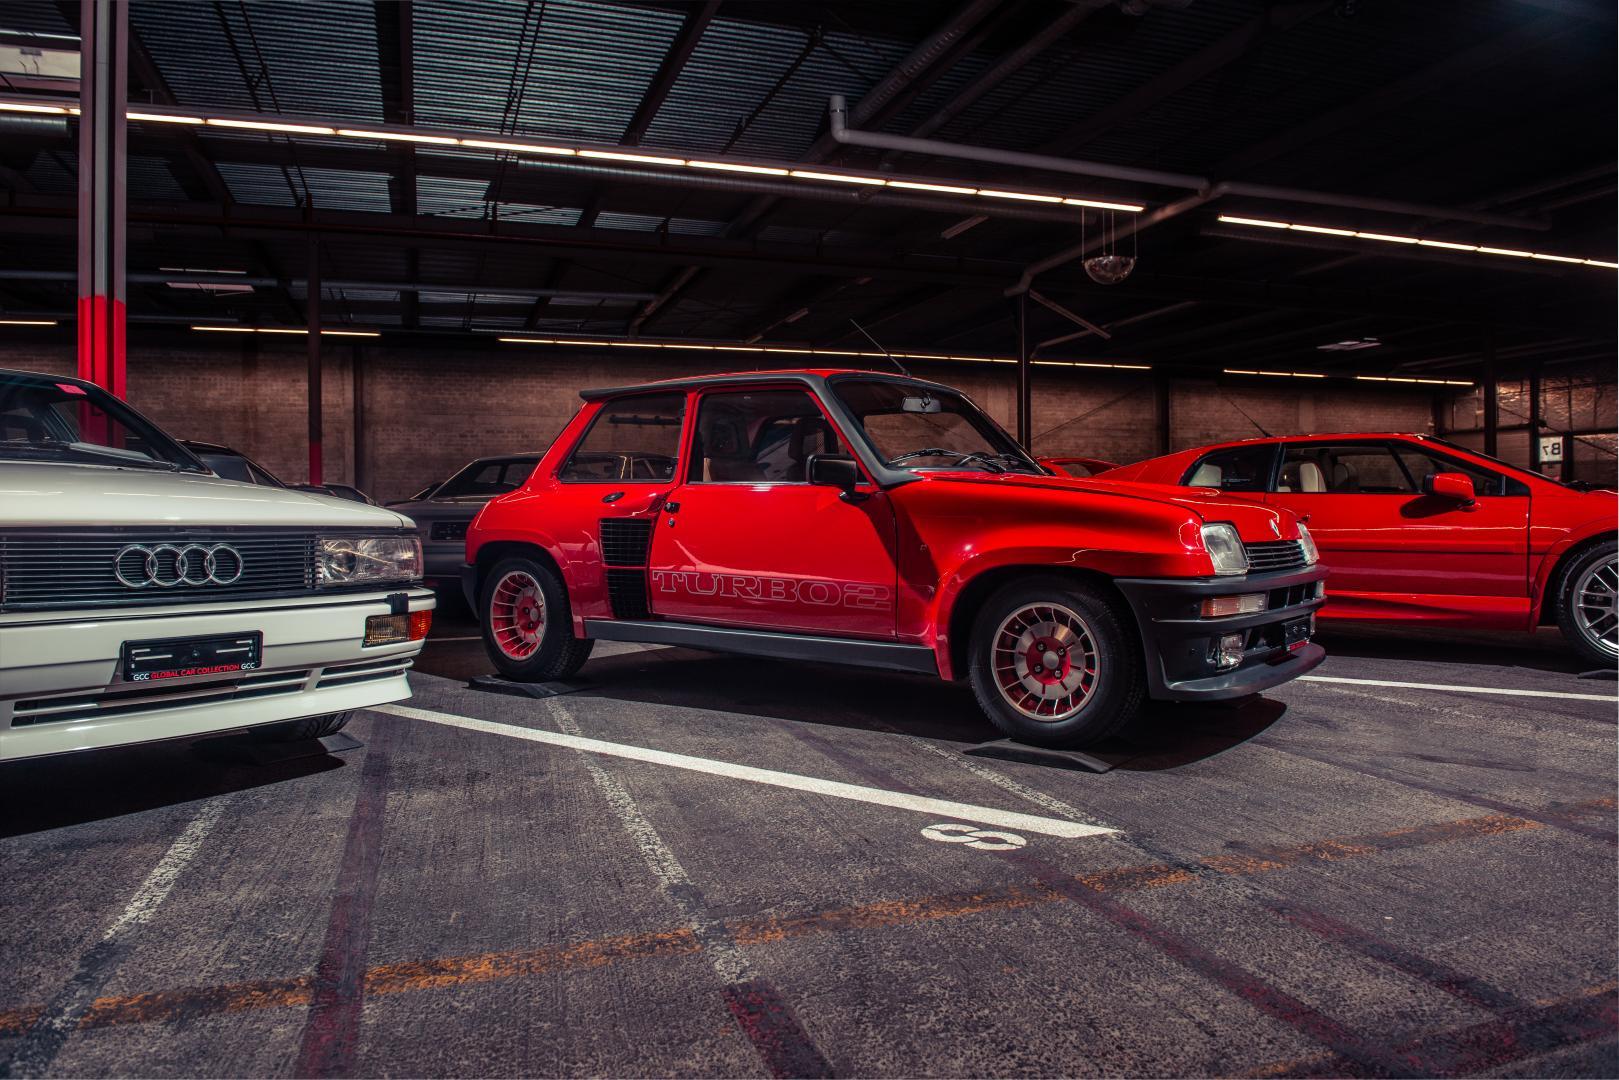 Renault 5 Turbo 2 AUdi Quattro